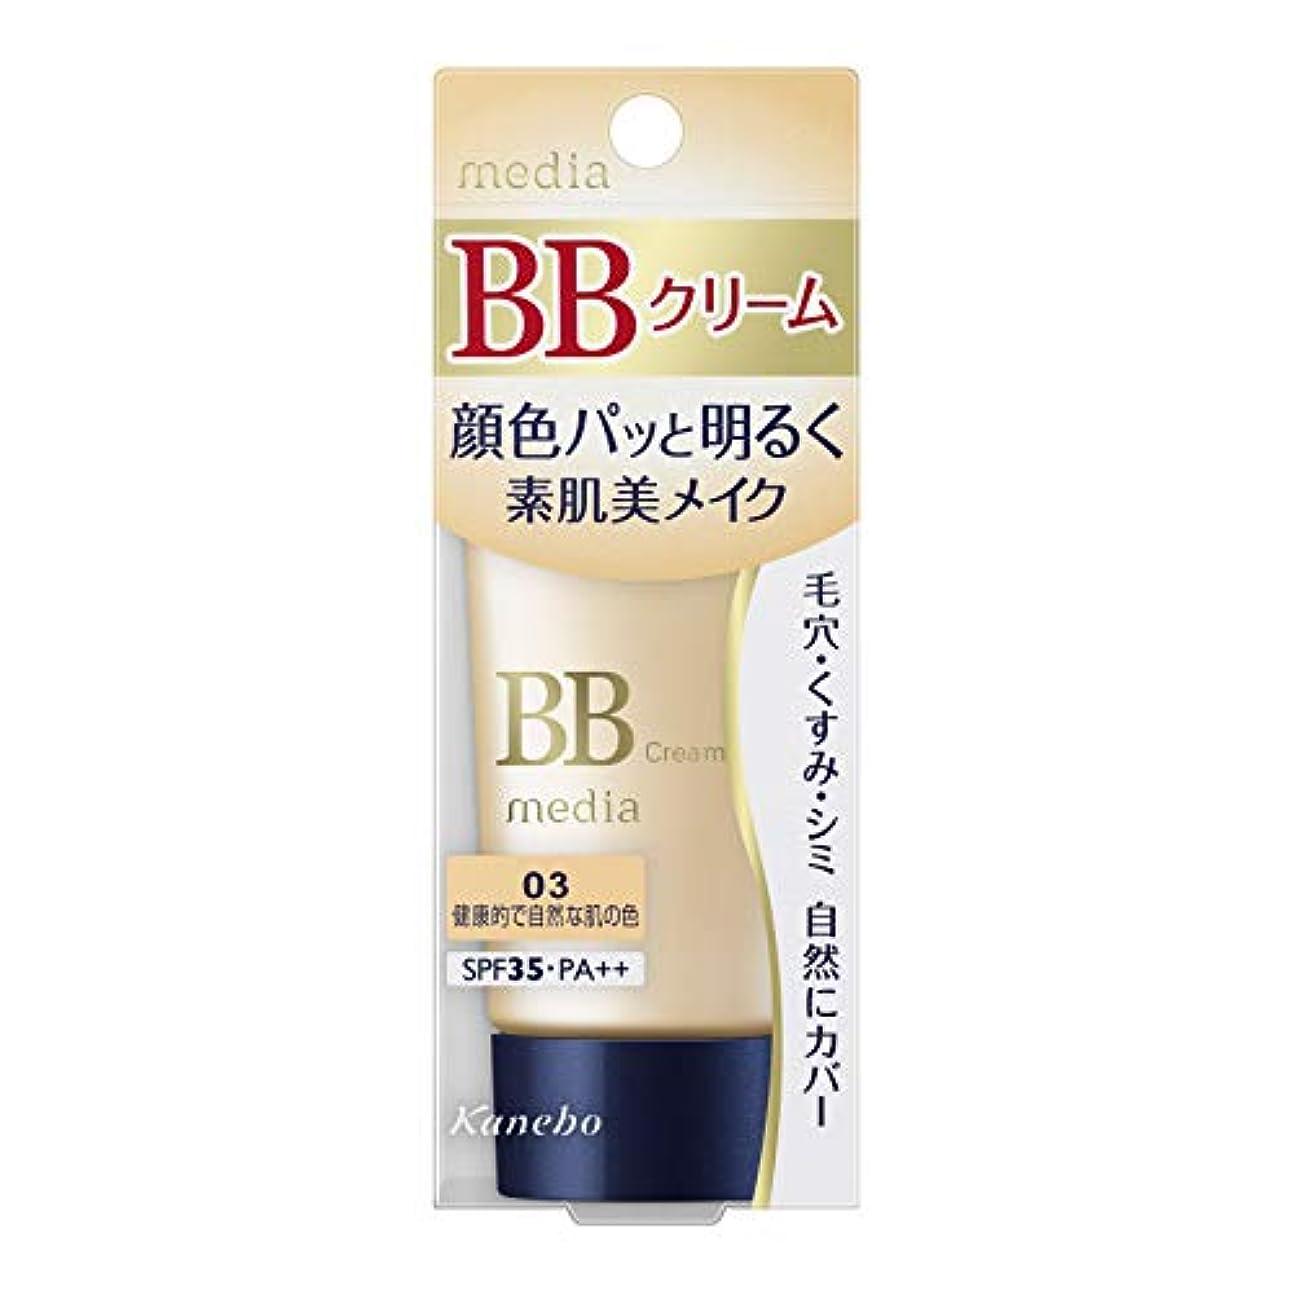 収容する間違いなく次へカネボウ化粧品 メディア BBクリームS 03 35g